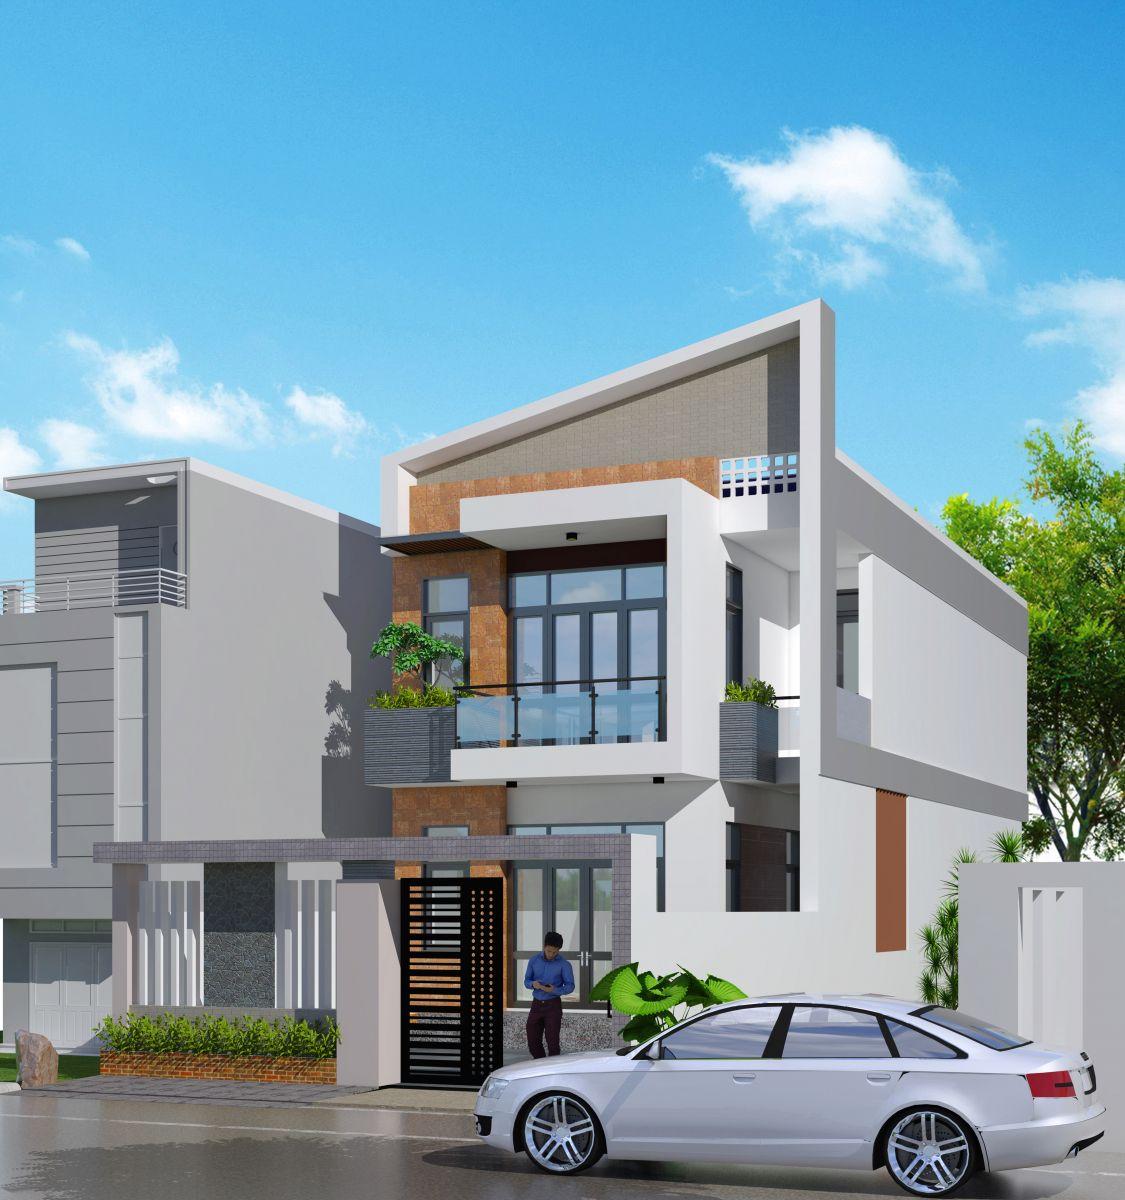 Tận dụng lợi thế mặt tiền rộng 6m, gia chủ có thể thiết kế mẫu nhà phố đẹp với không gian mở thông thoáng